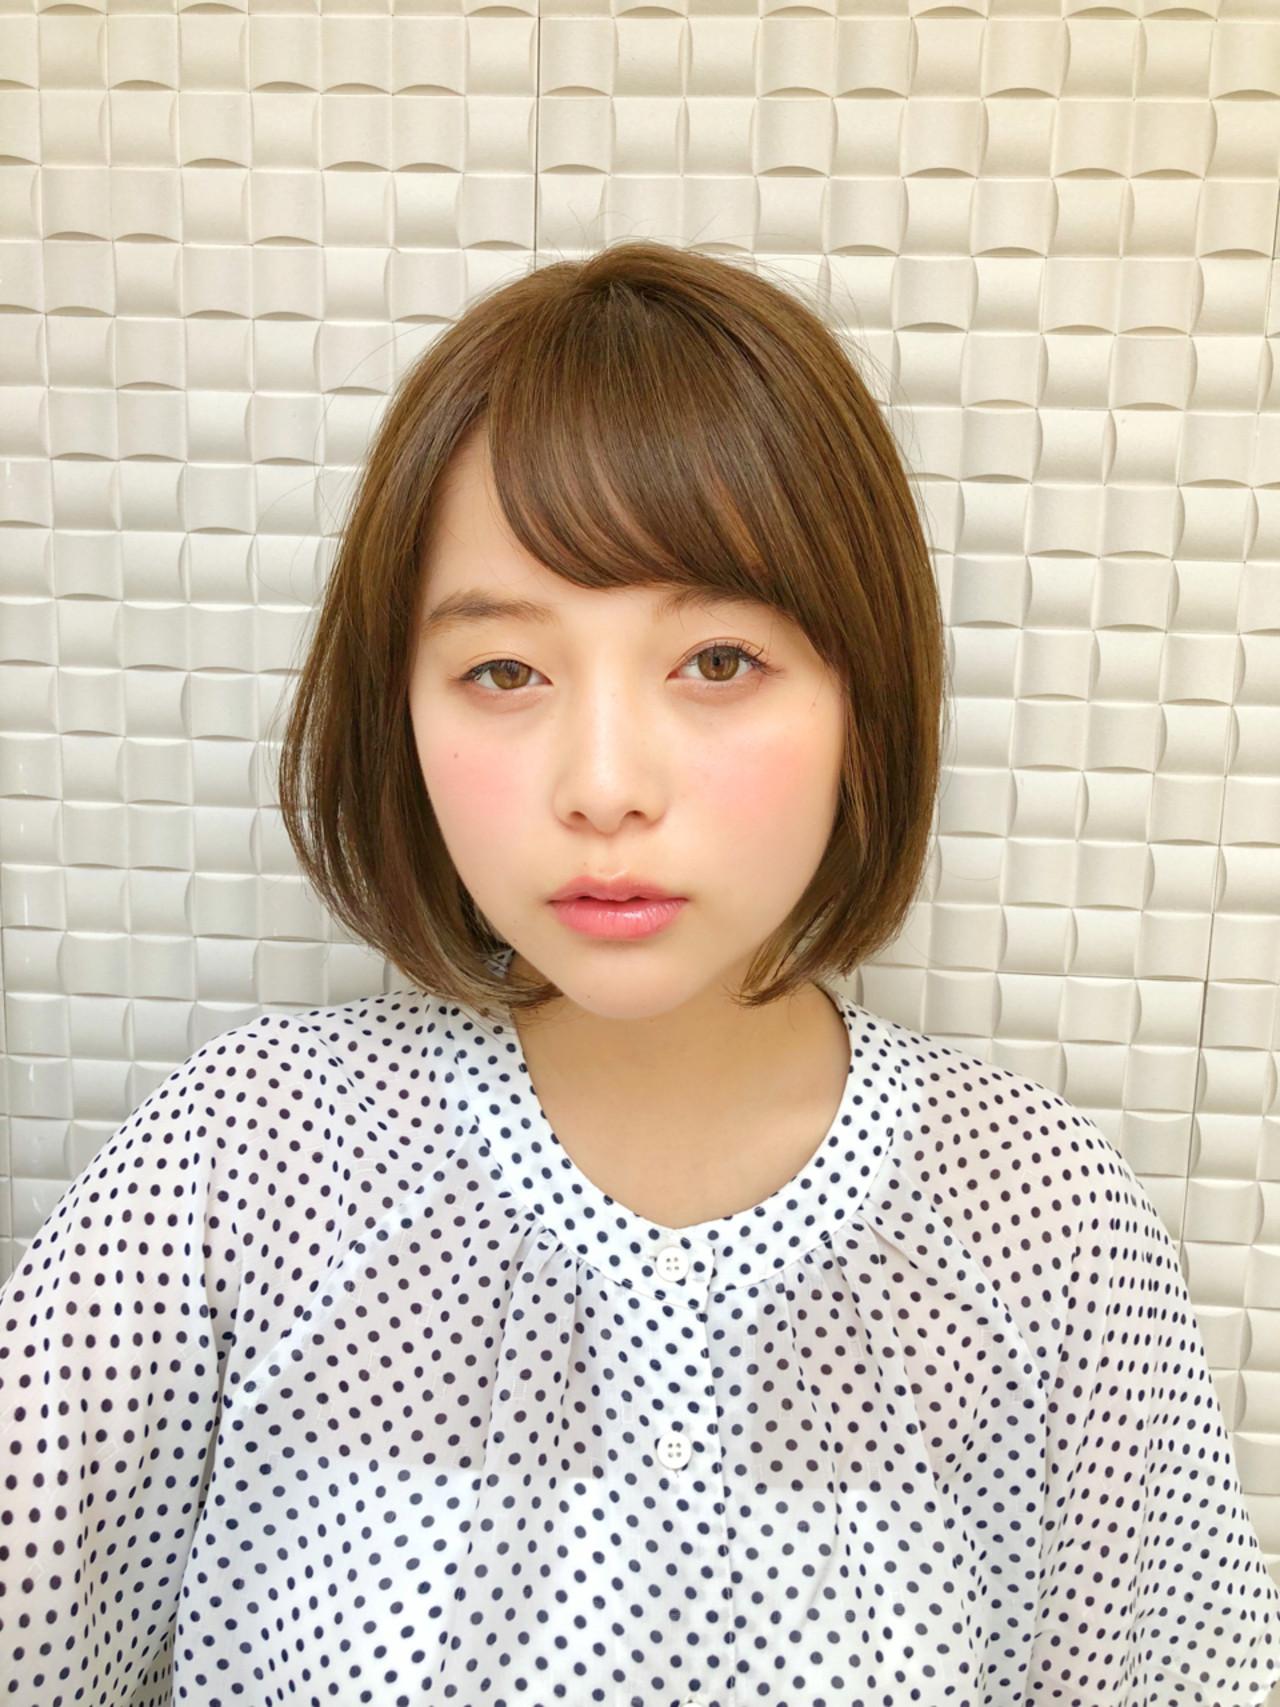 簡単にかわいくなれちゃう流し前髪 [新宿]内田航 柔らかストレートとミディアムボブ